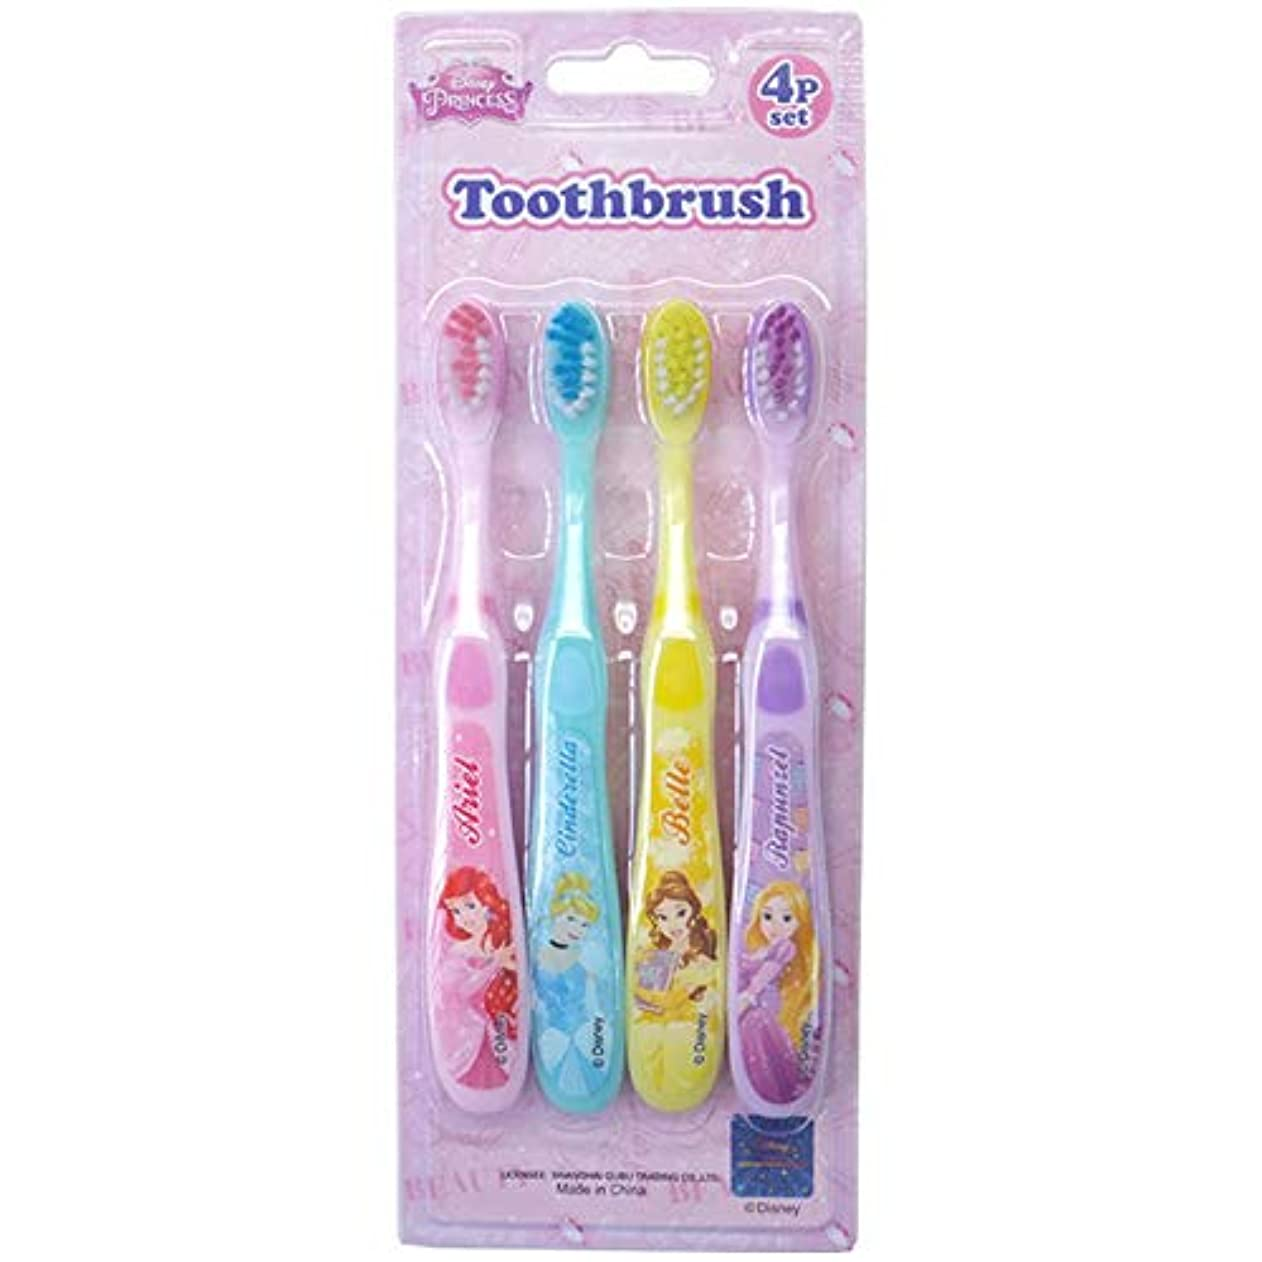 取り替えるファンドコース歯ブラシ4Pセット 26911-12(11/プリンセス) キャラクター Disney ディズニー オーラルケア 歯磨き 洗面所 子供 キッズ